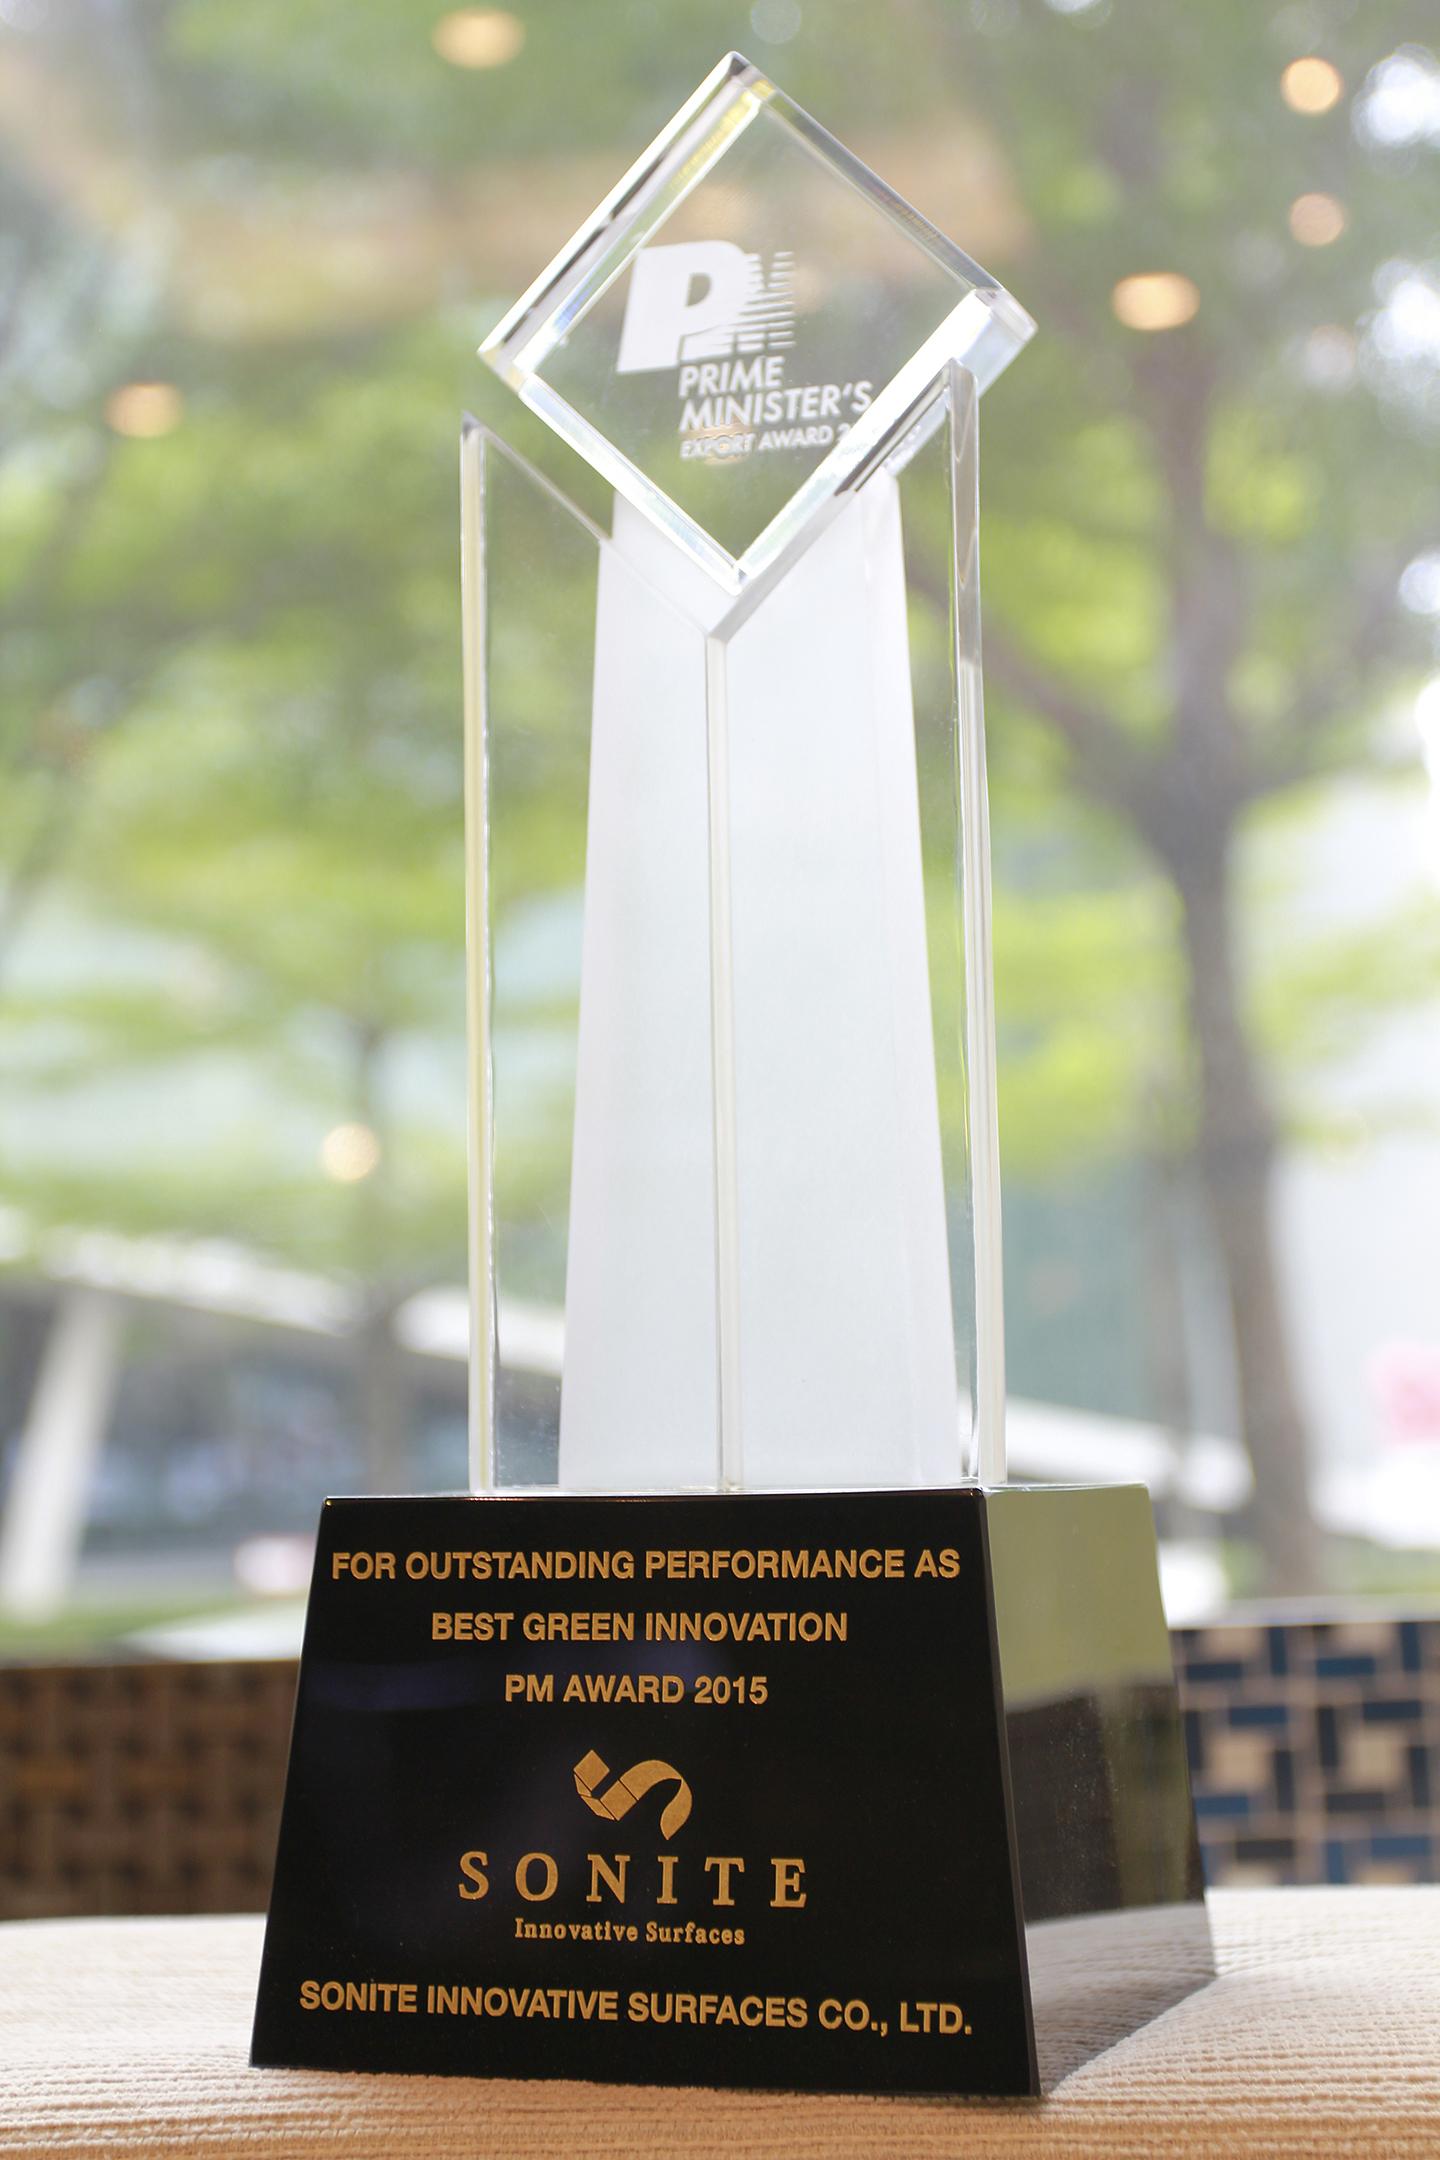 Prime Minister's Business Enterprise Award